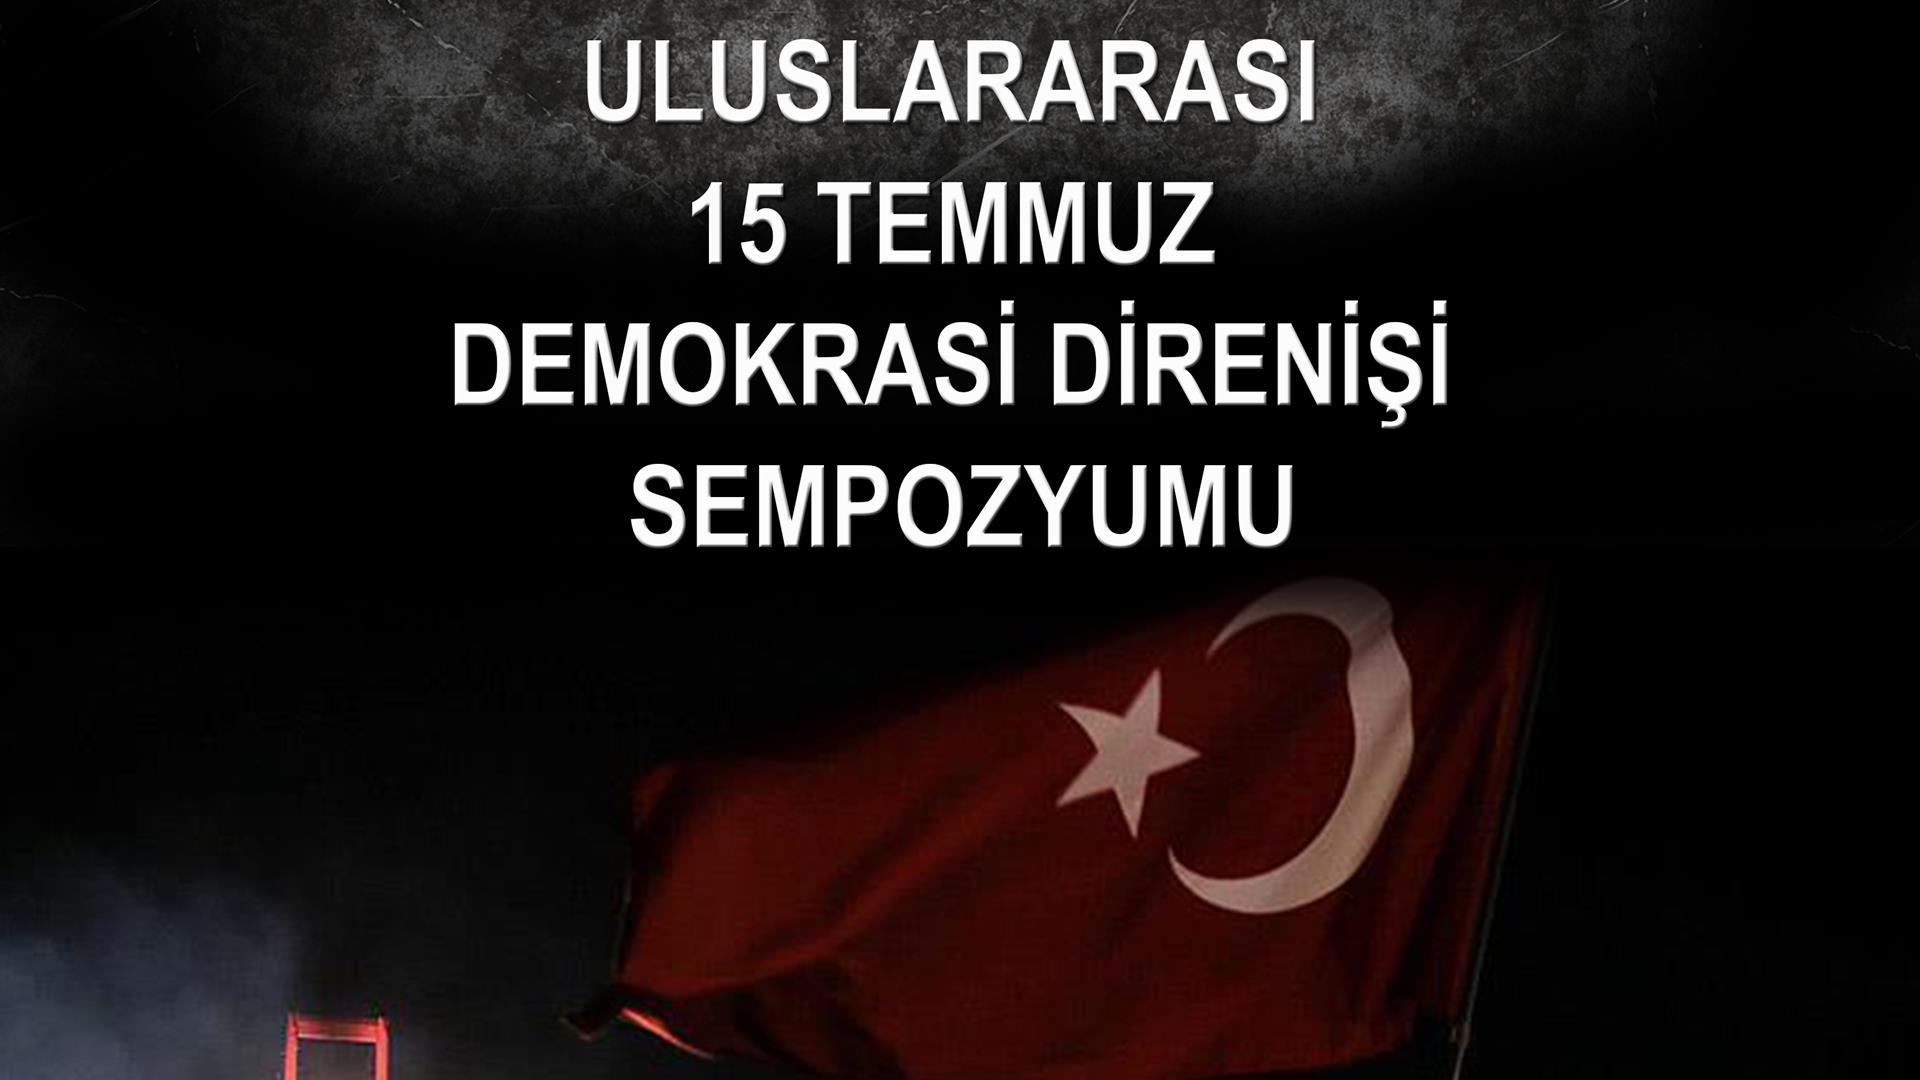 Uluslararası-15-Temmuz-Demokrasi-Direnişi-Sempozyumu